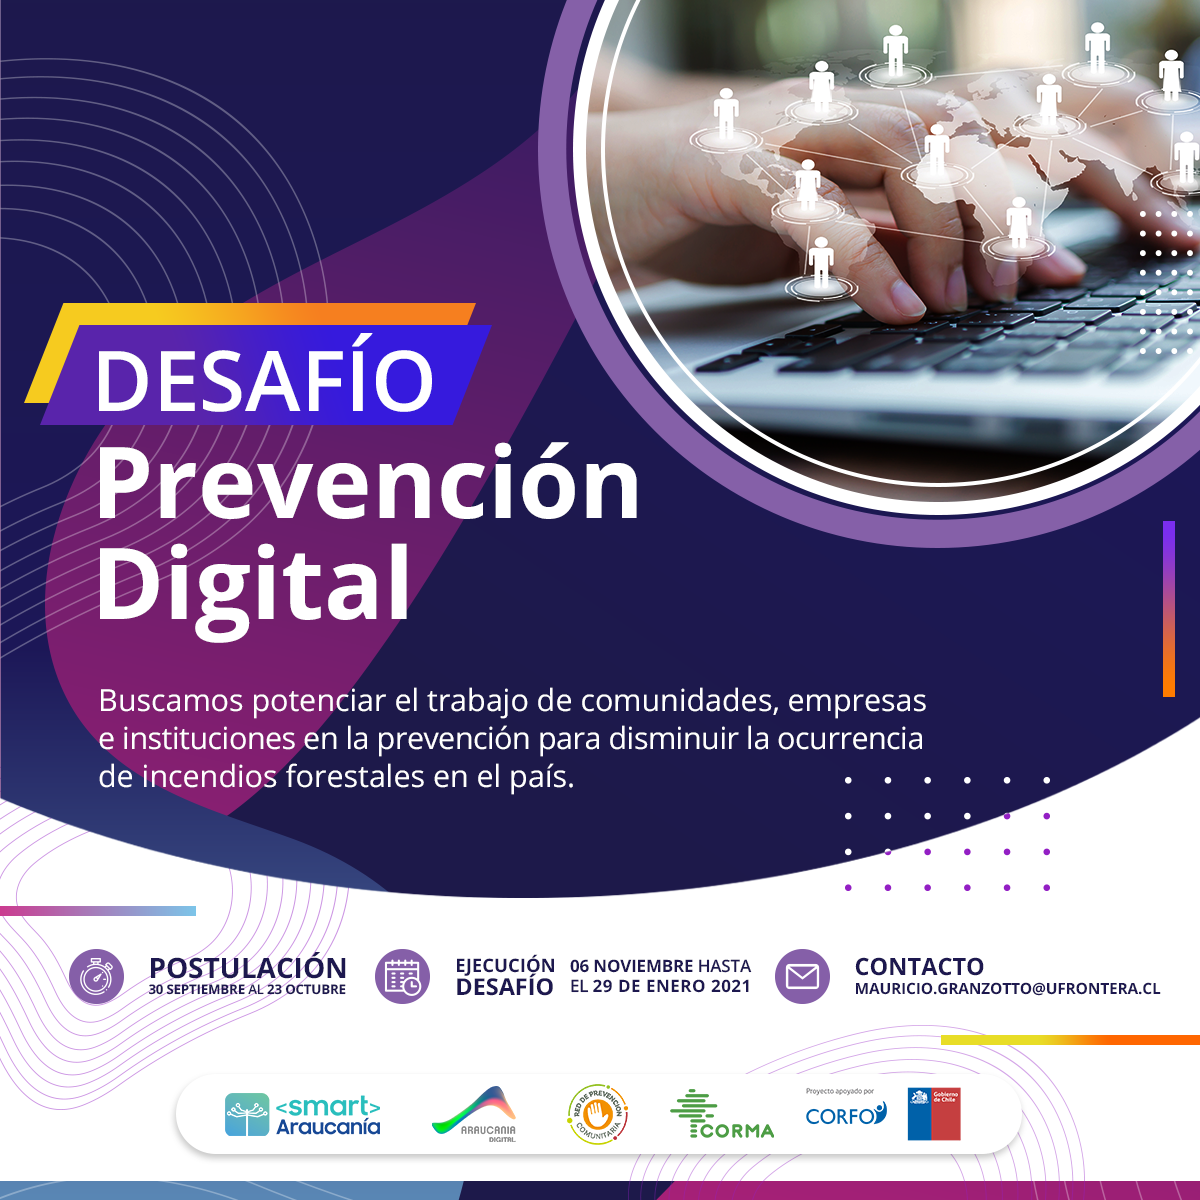 Desafío Prevención Digital